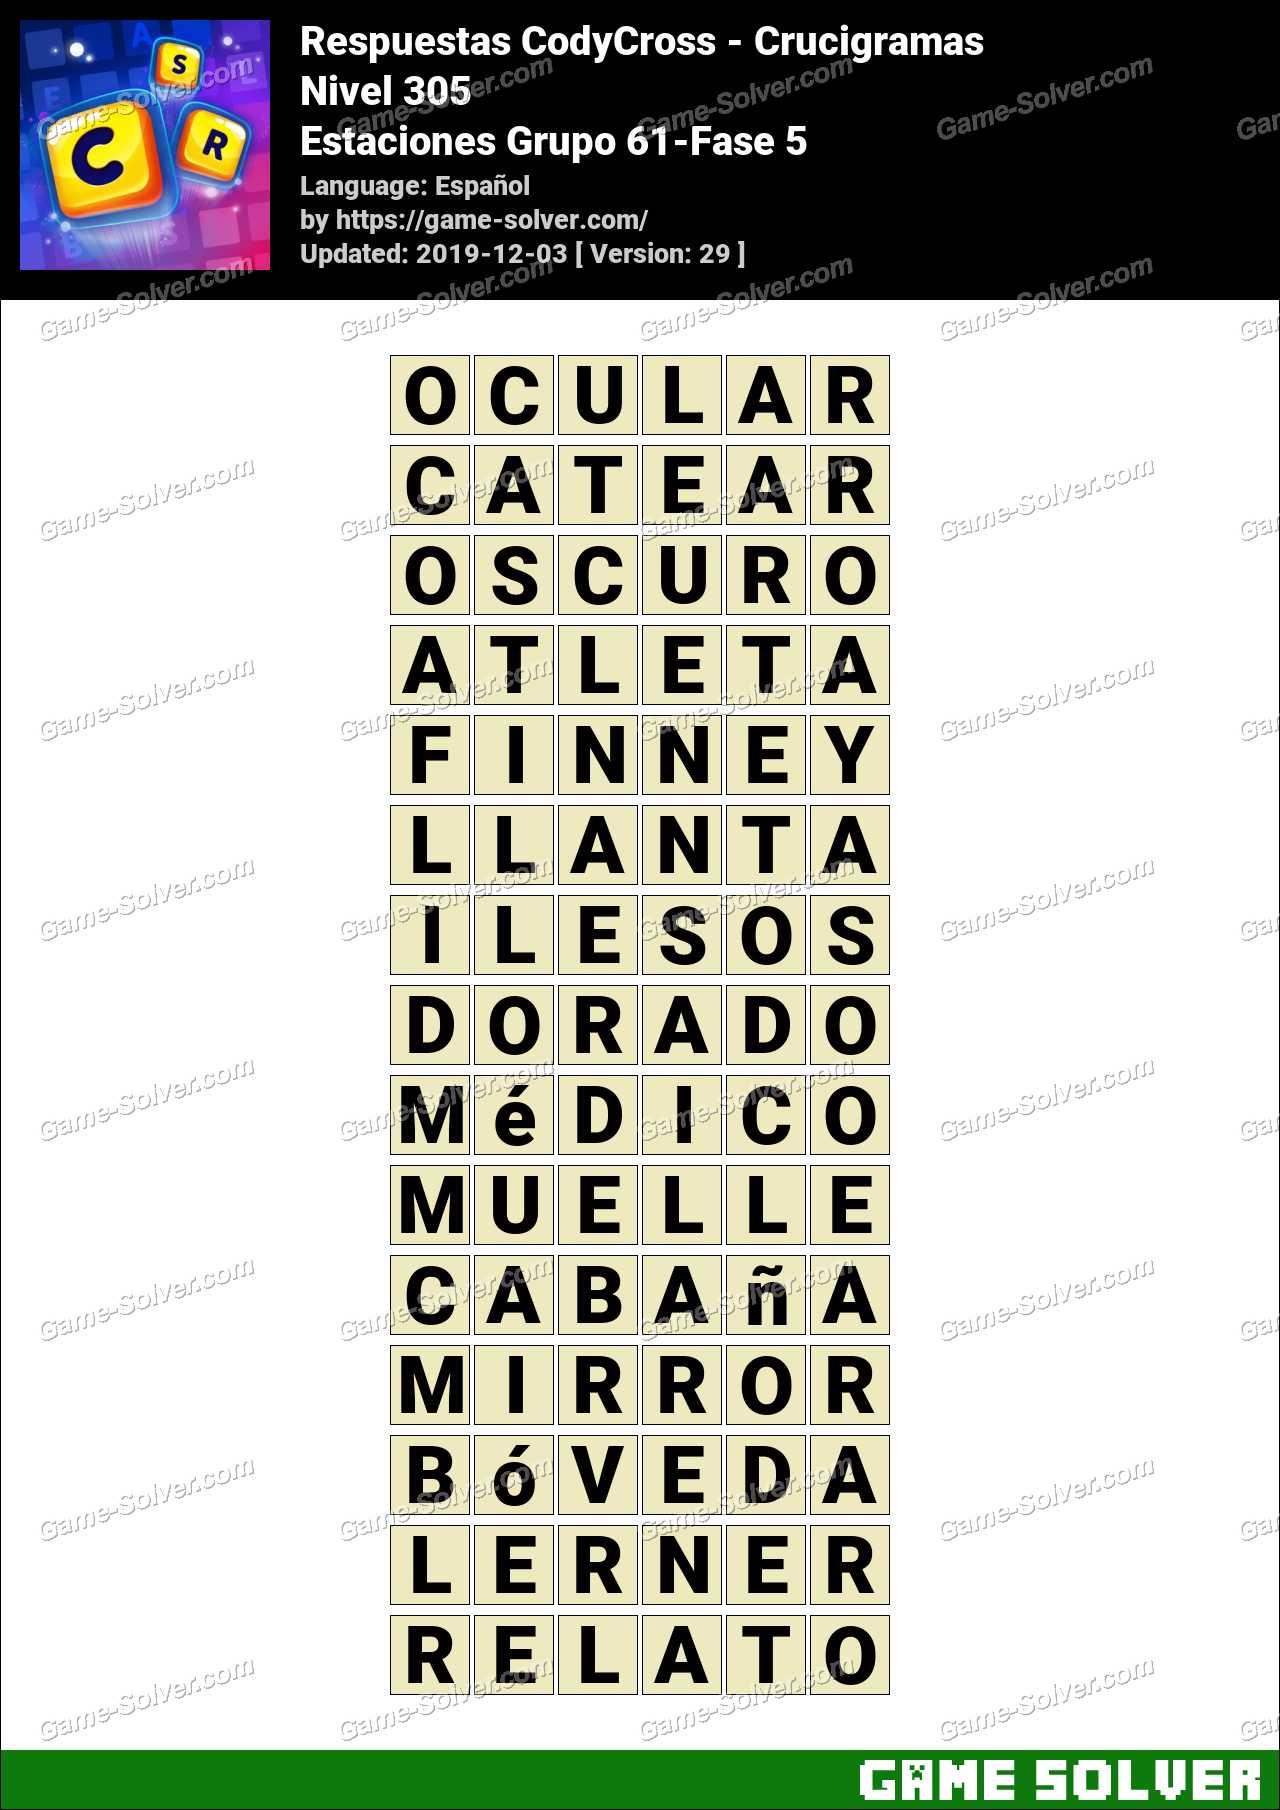 Respuestas CodyCross Estaciones Grupo 61-Fase 5